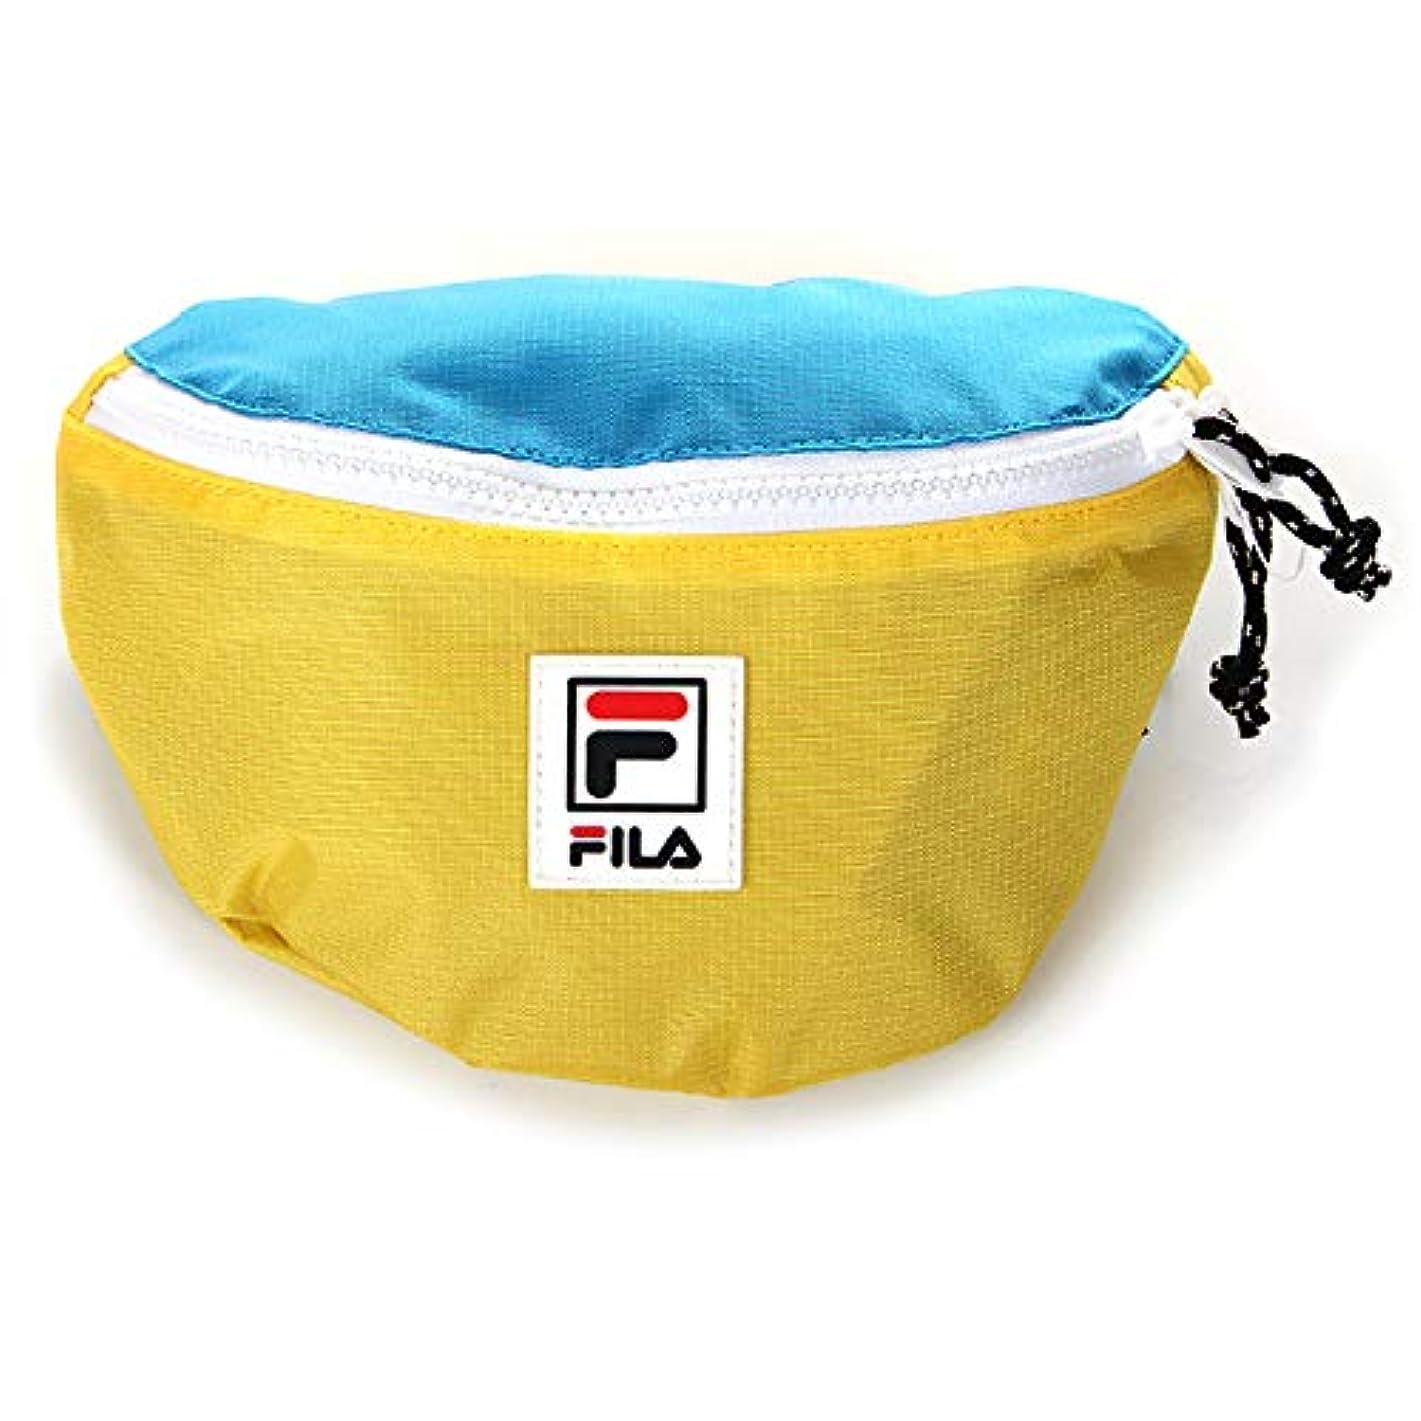 指定するなす肌寒いFILA フィラ ウエストバッグ ウエストポーチ ミニショルダー MINI SHOULDER BAG